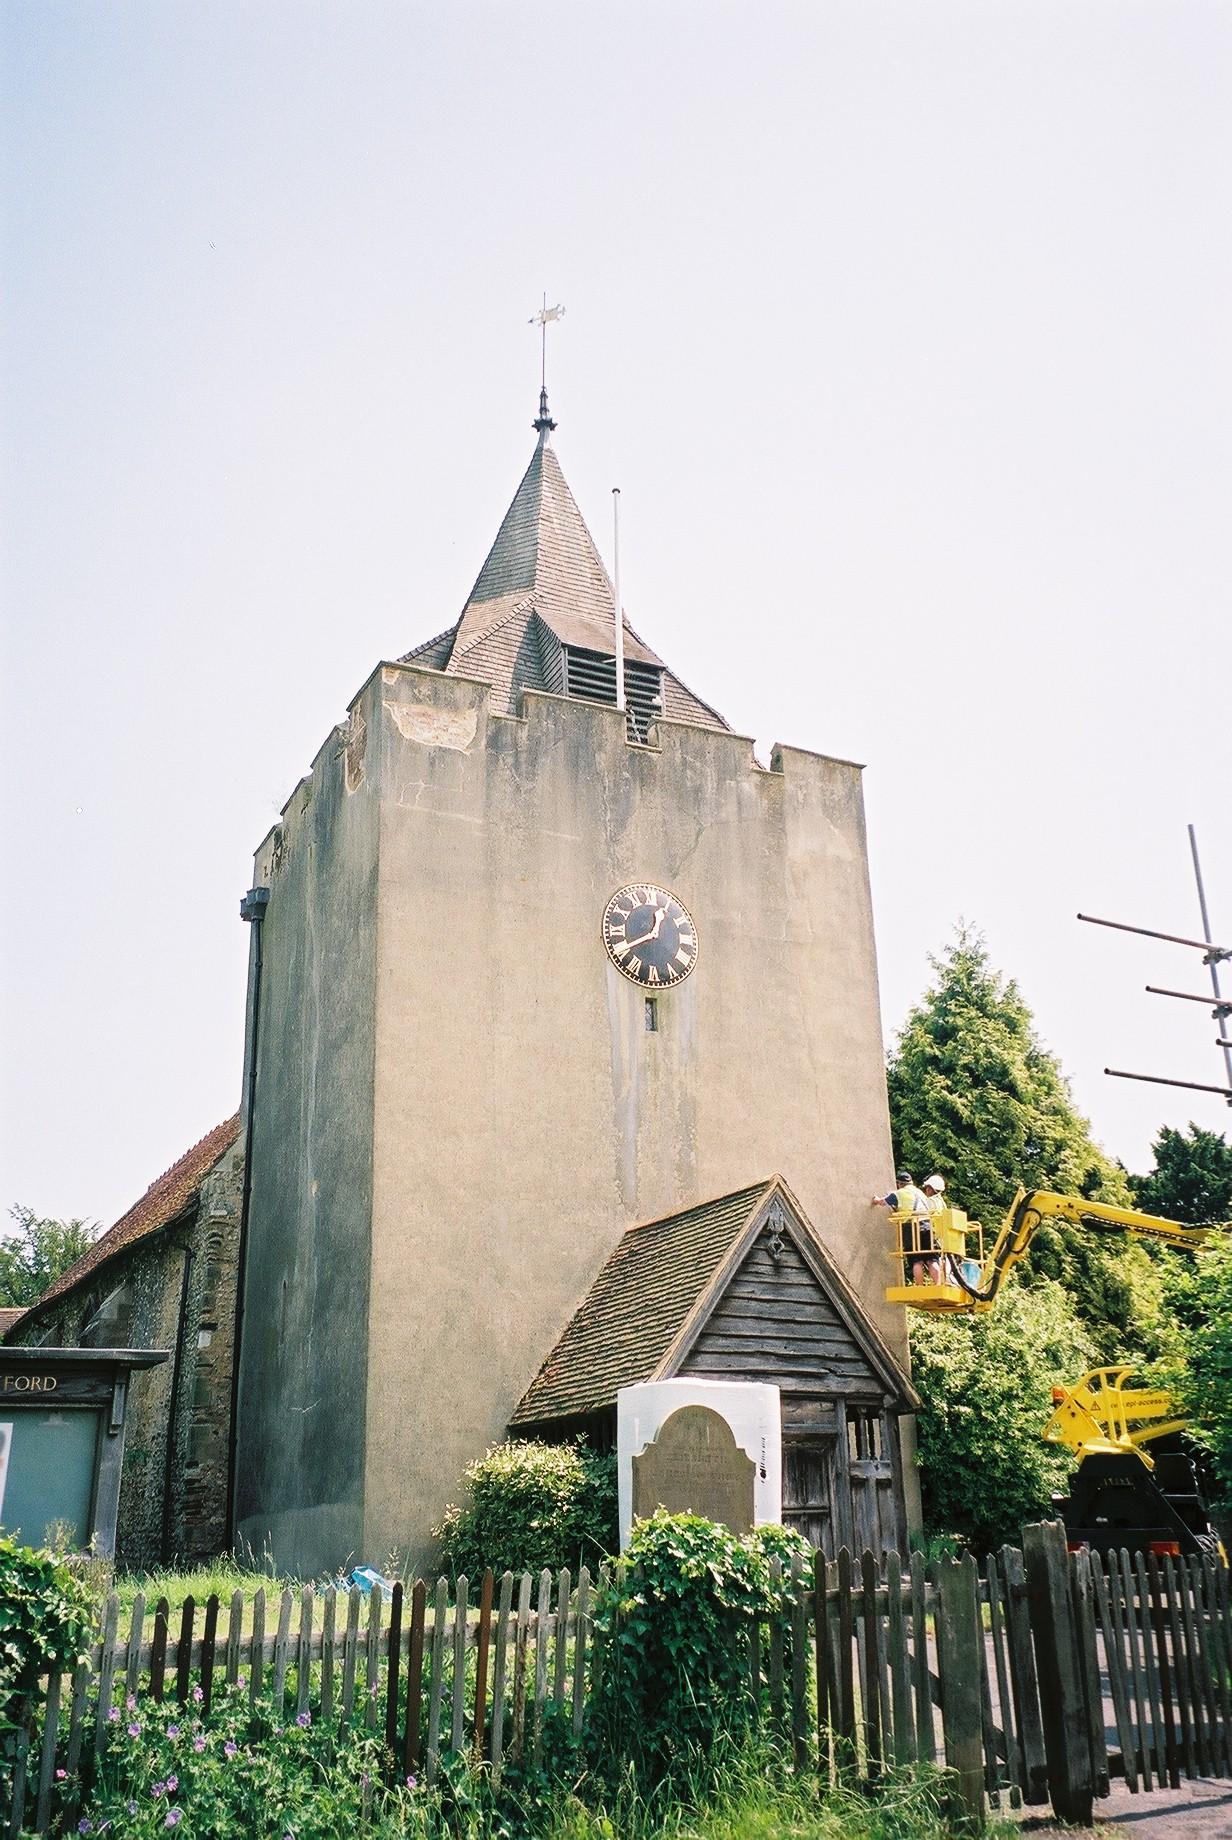 Otford Tower before repair